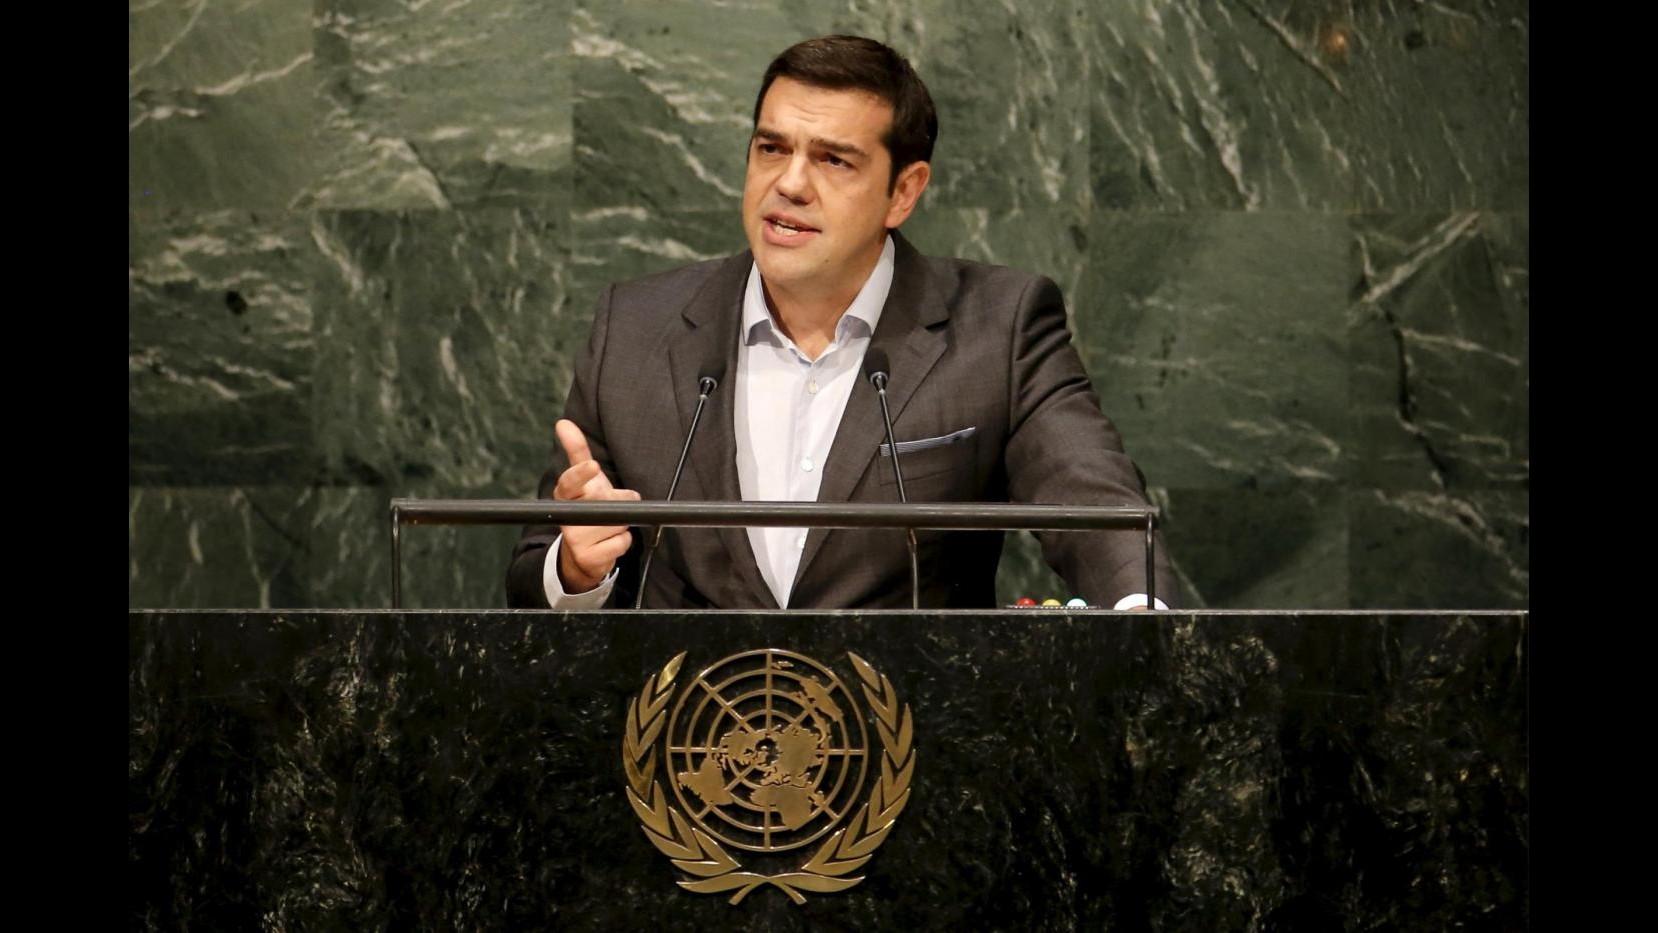 Dopo l'intervento all'Onu, a spasso con Alexis Tsipras per le strade di New York